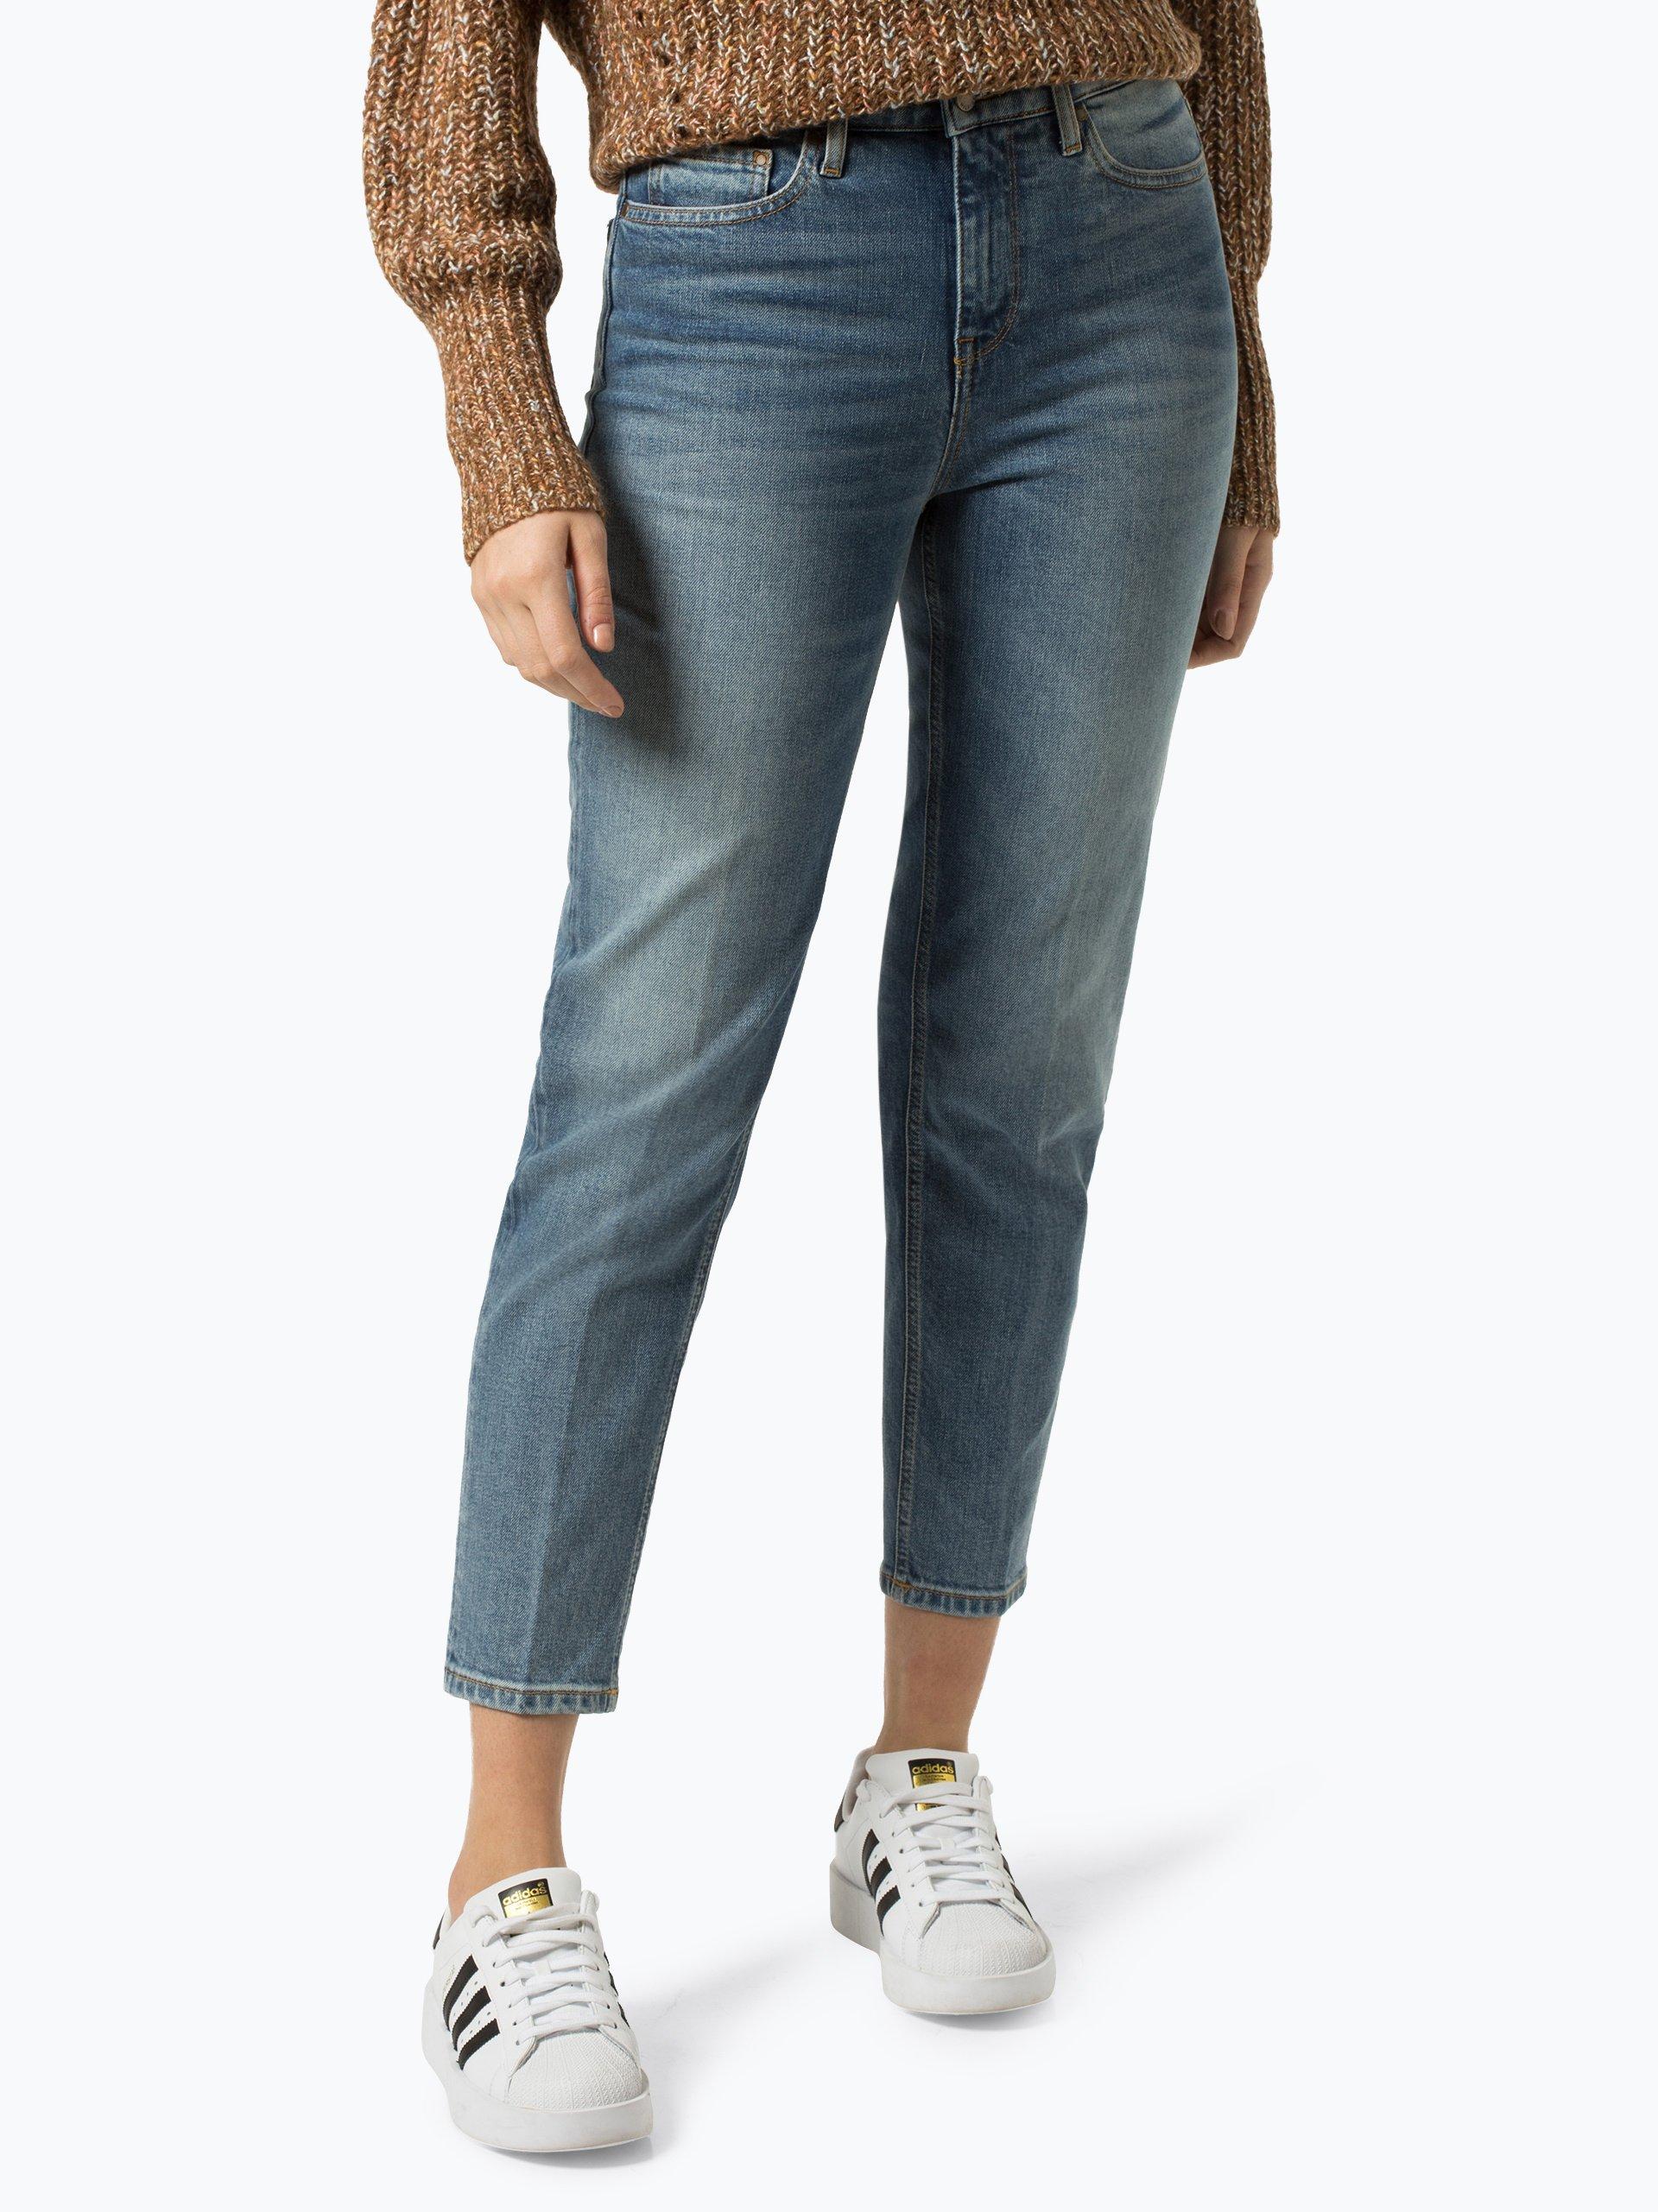 tommy hilfiger damen jeans gramercy online kaufen. Black Bedroom Furniture Sets. Home Design Ideas